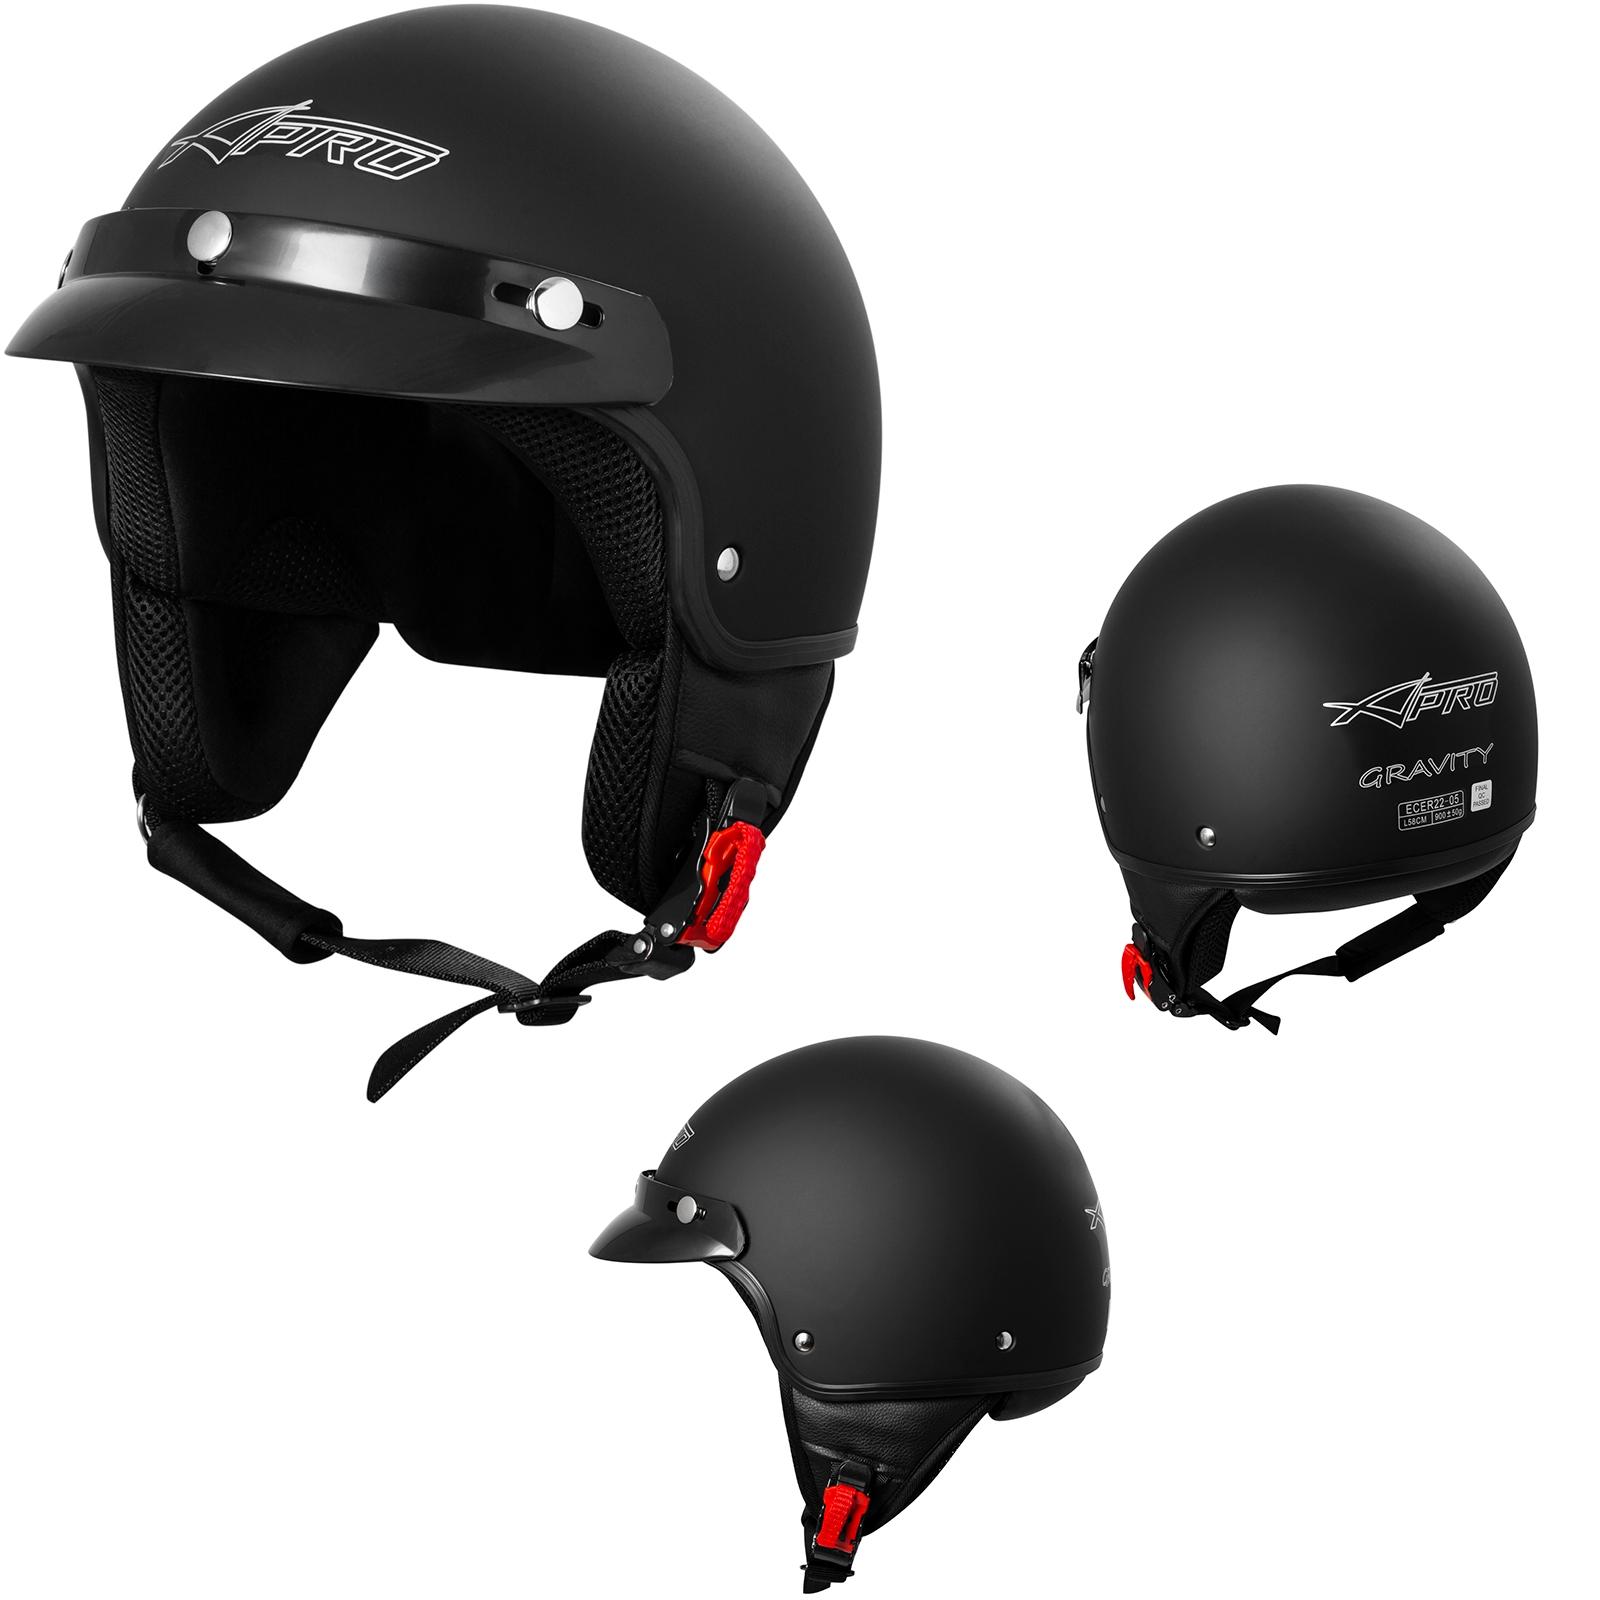 Casco-Demi-Jet-Scooter-Moto-Omologato-ECE-22-05-Frontino-Sonicmoto-Nero-Opaco